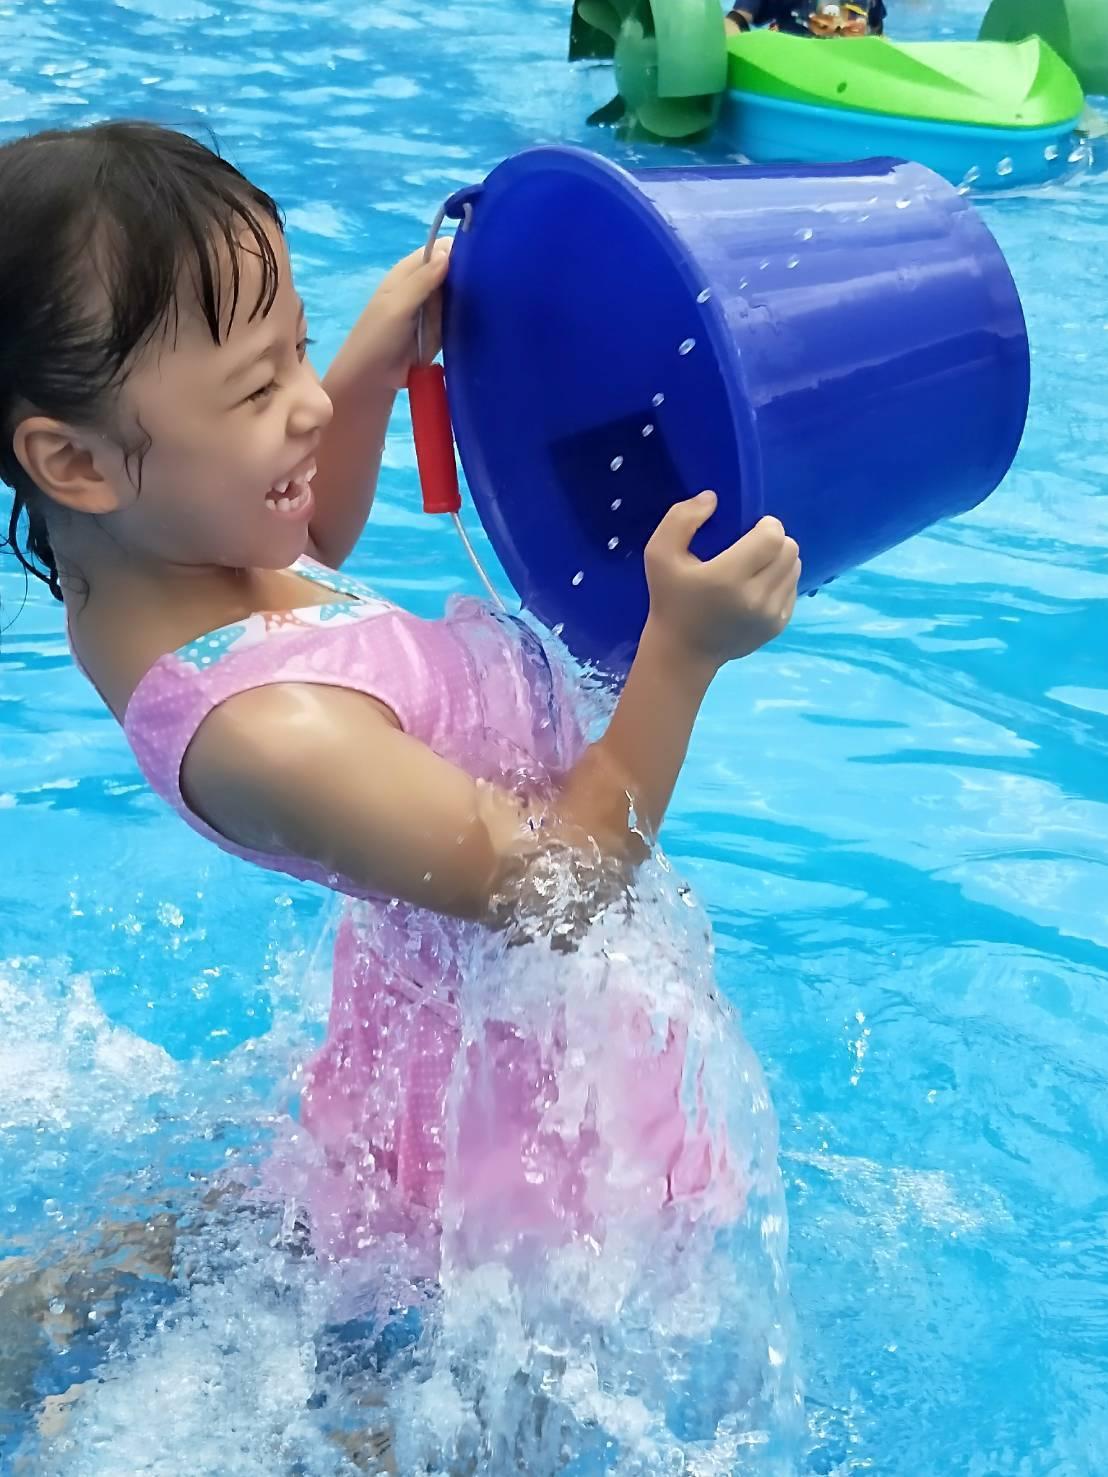 員林市公所和員林青商會今天下午在員林國小,合辦潑水節親子活動,吸引很多小朋友開心...